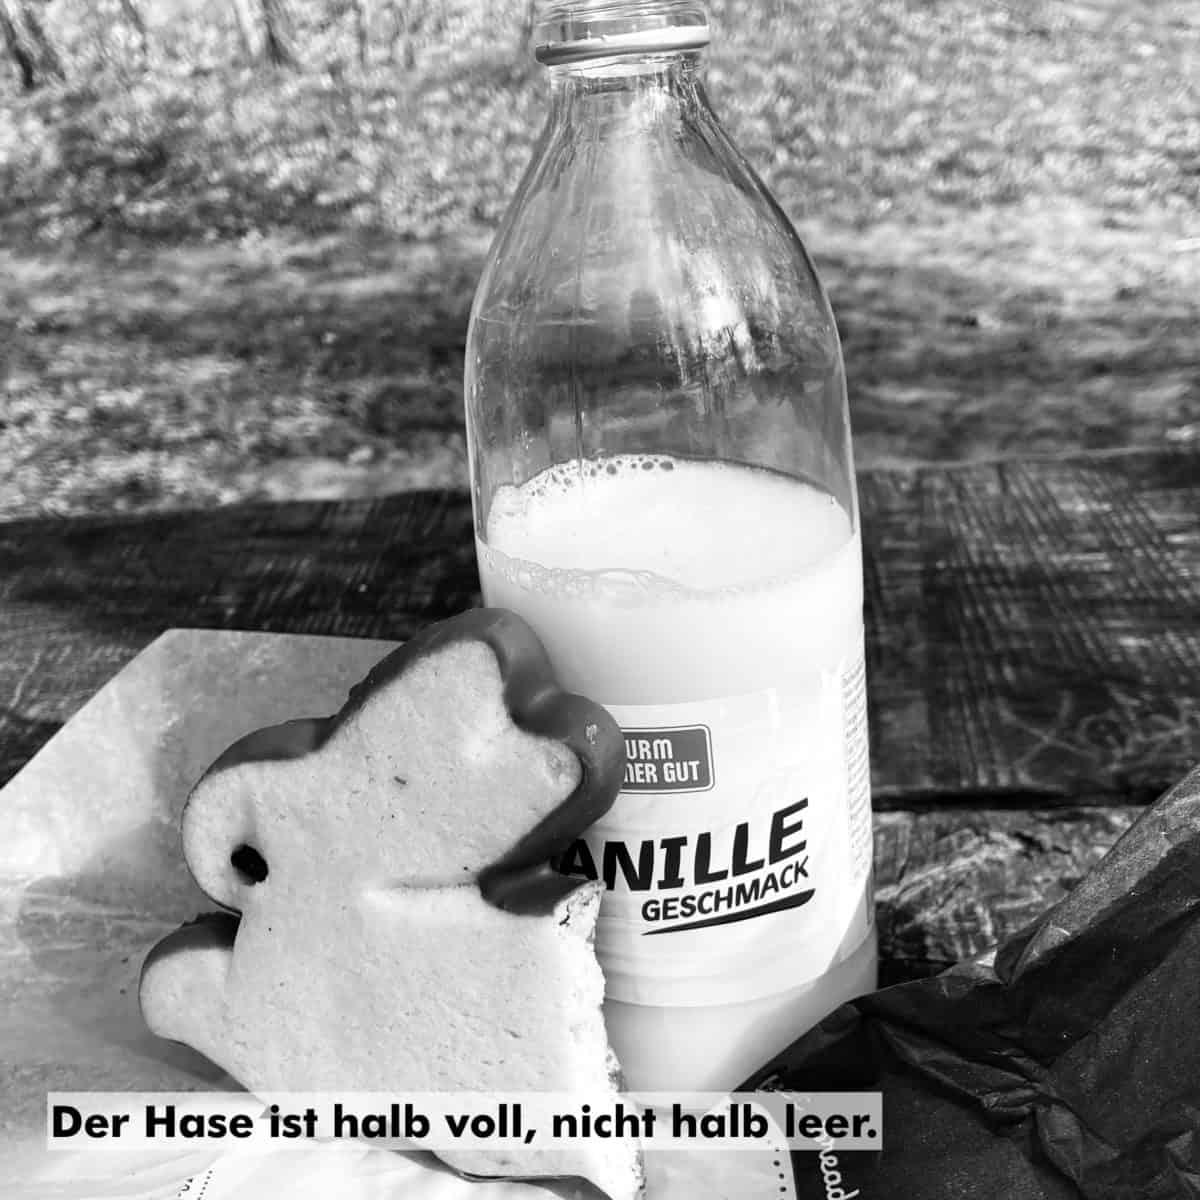 IMG 6699 - Jungschwuppen Mittwochsclub am 7.4.: Server frühlingsputzen!